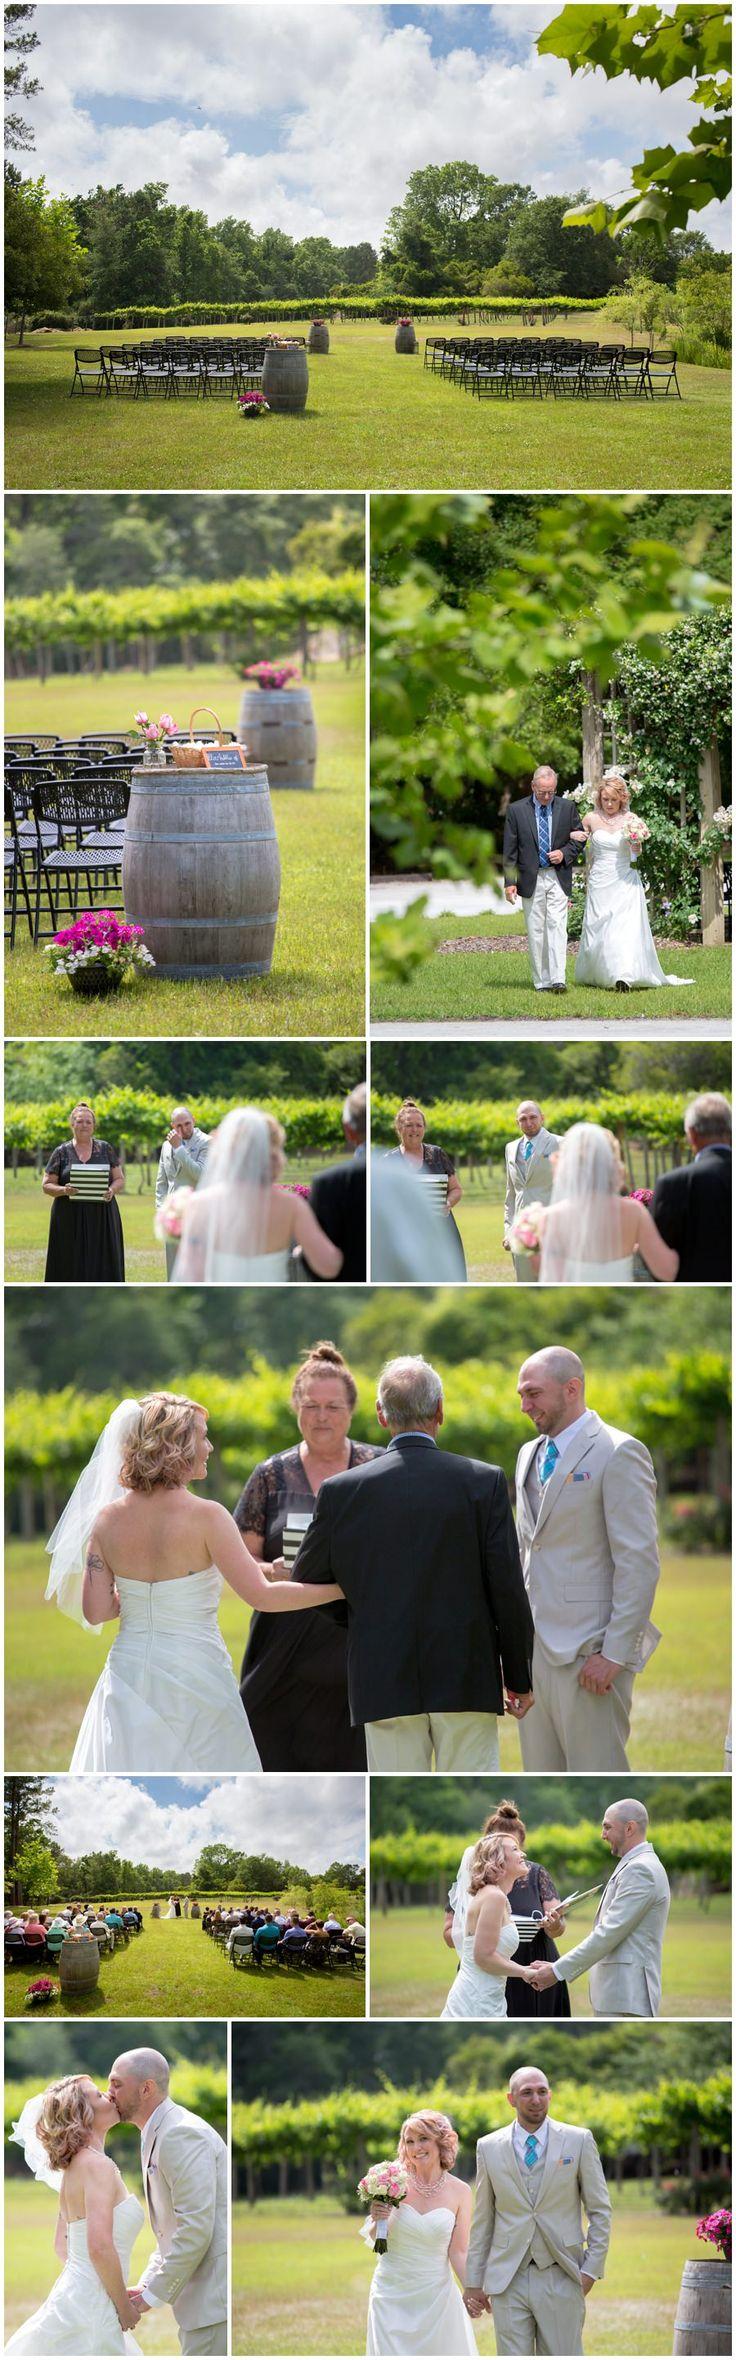 beach wedding in new jersey%0A Wedding Ceremony at La Belle Amie Vineyard   Myrtle Beach